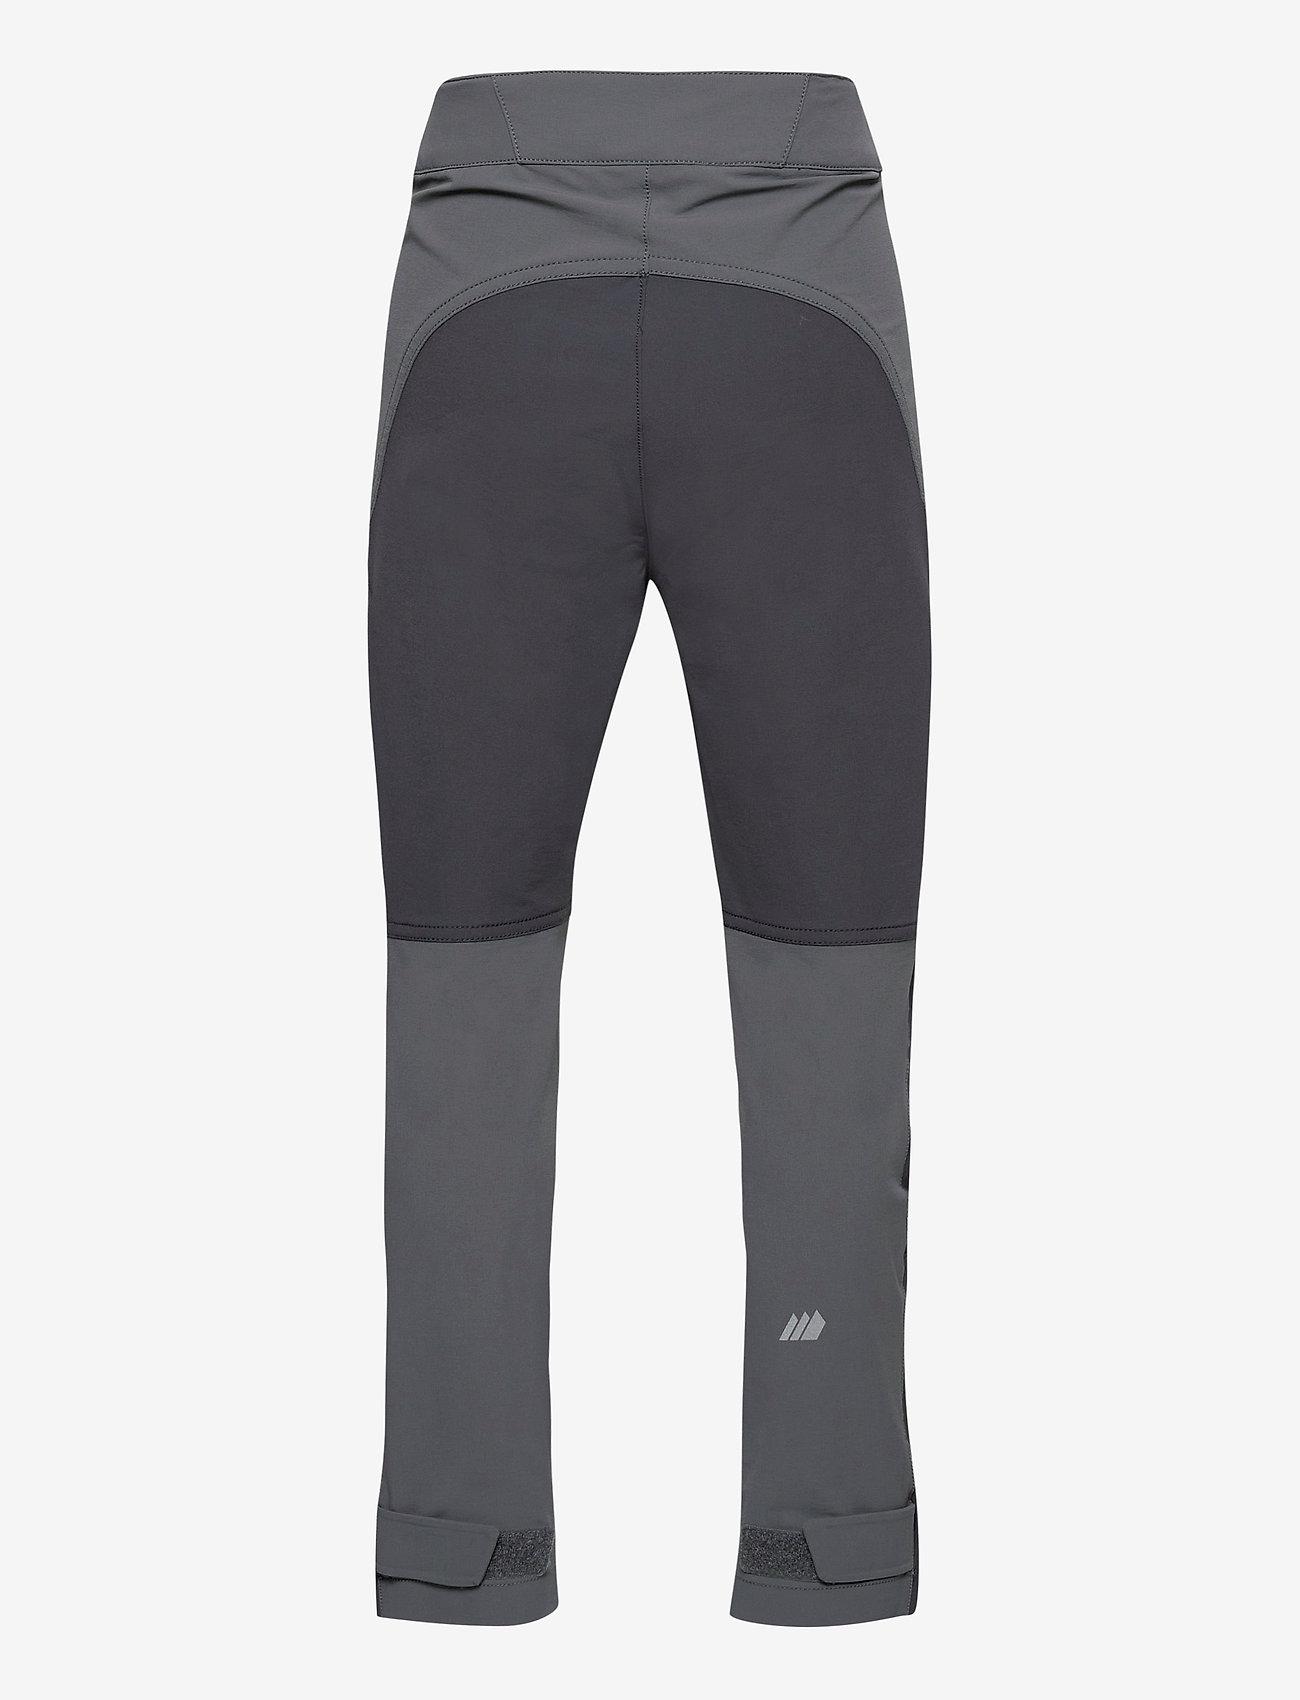 Skogstad - Tinden hiking trousers - underdele - dark grey - 1